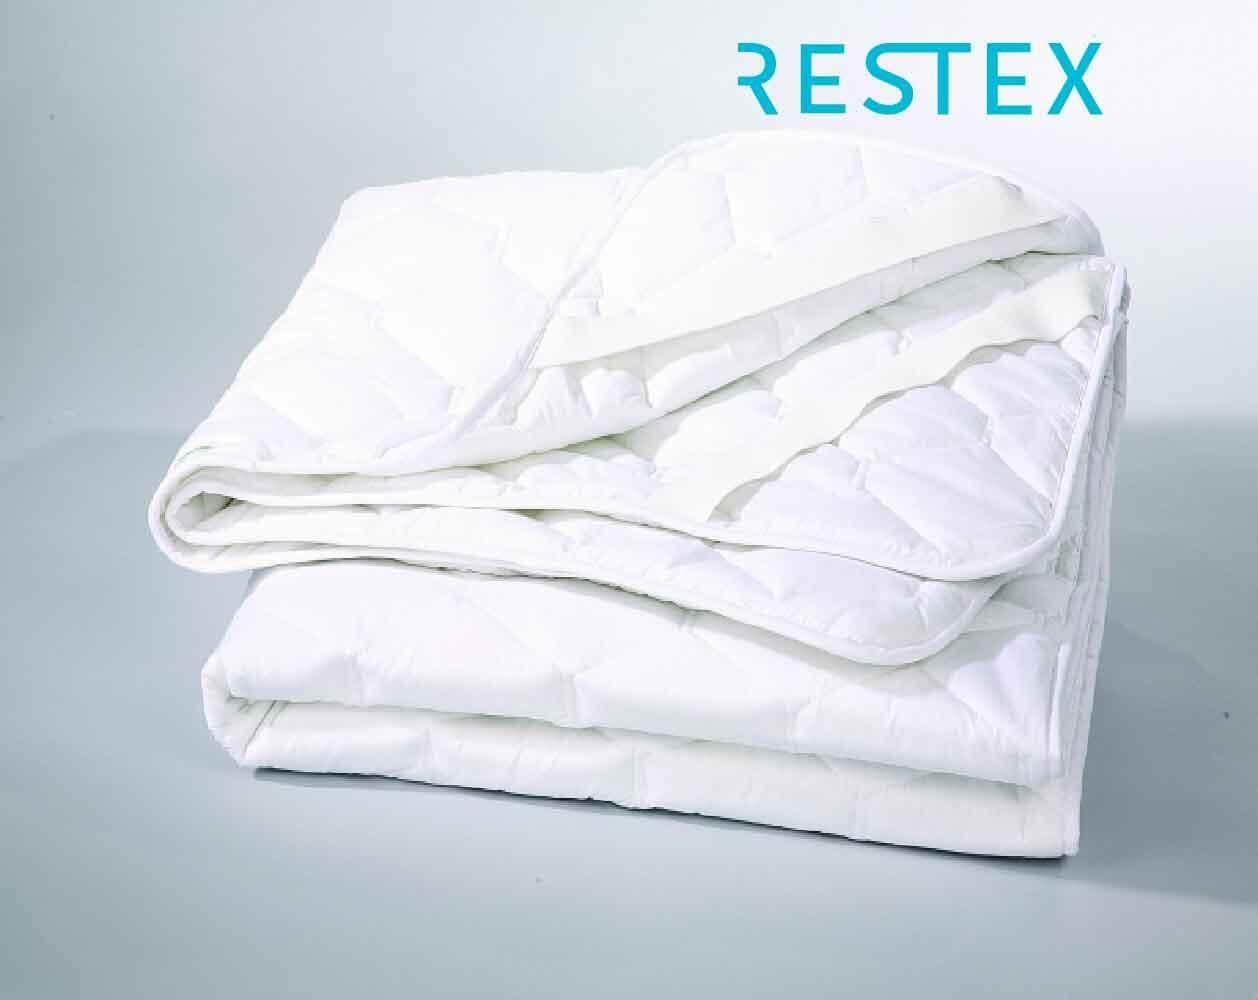 Restex ผ้ารองกันเปื้อน คุณภาพโรงแรม 5 ดาว ขนาดที่นอน3.5 ฟุต ใย Hollow Filled กันไรฝุ่น พร้อมยางรัดมุม.